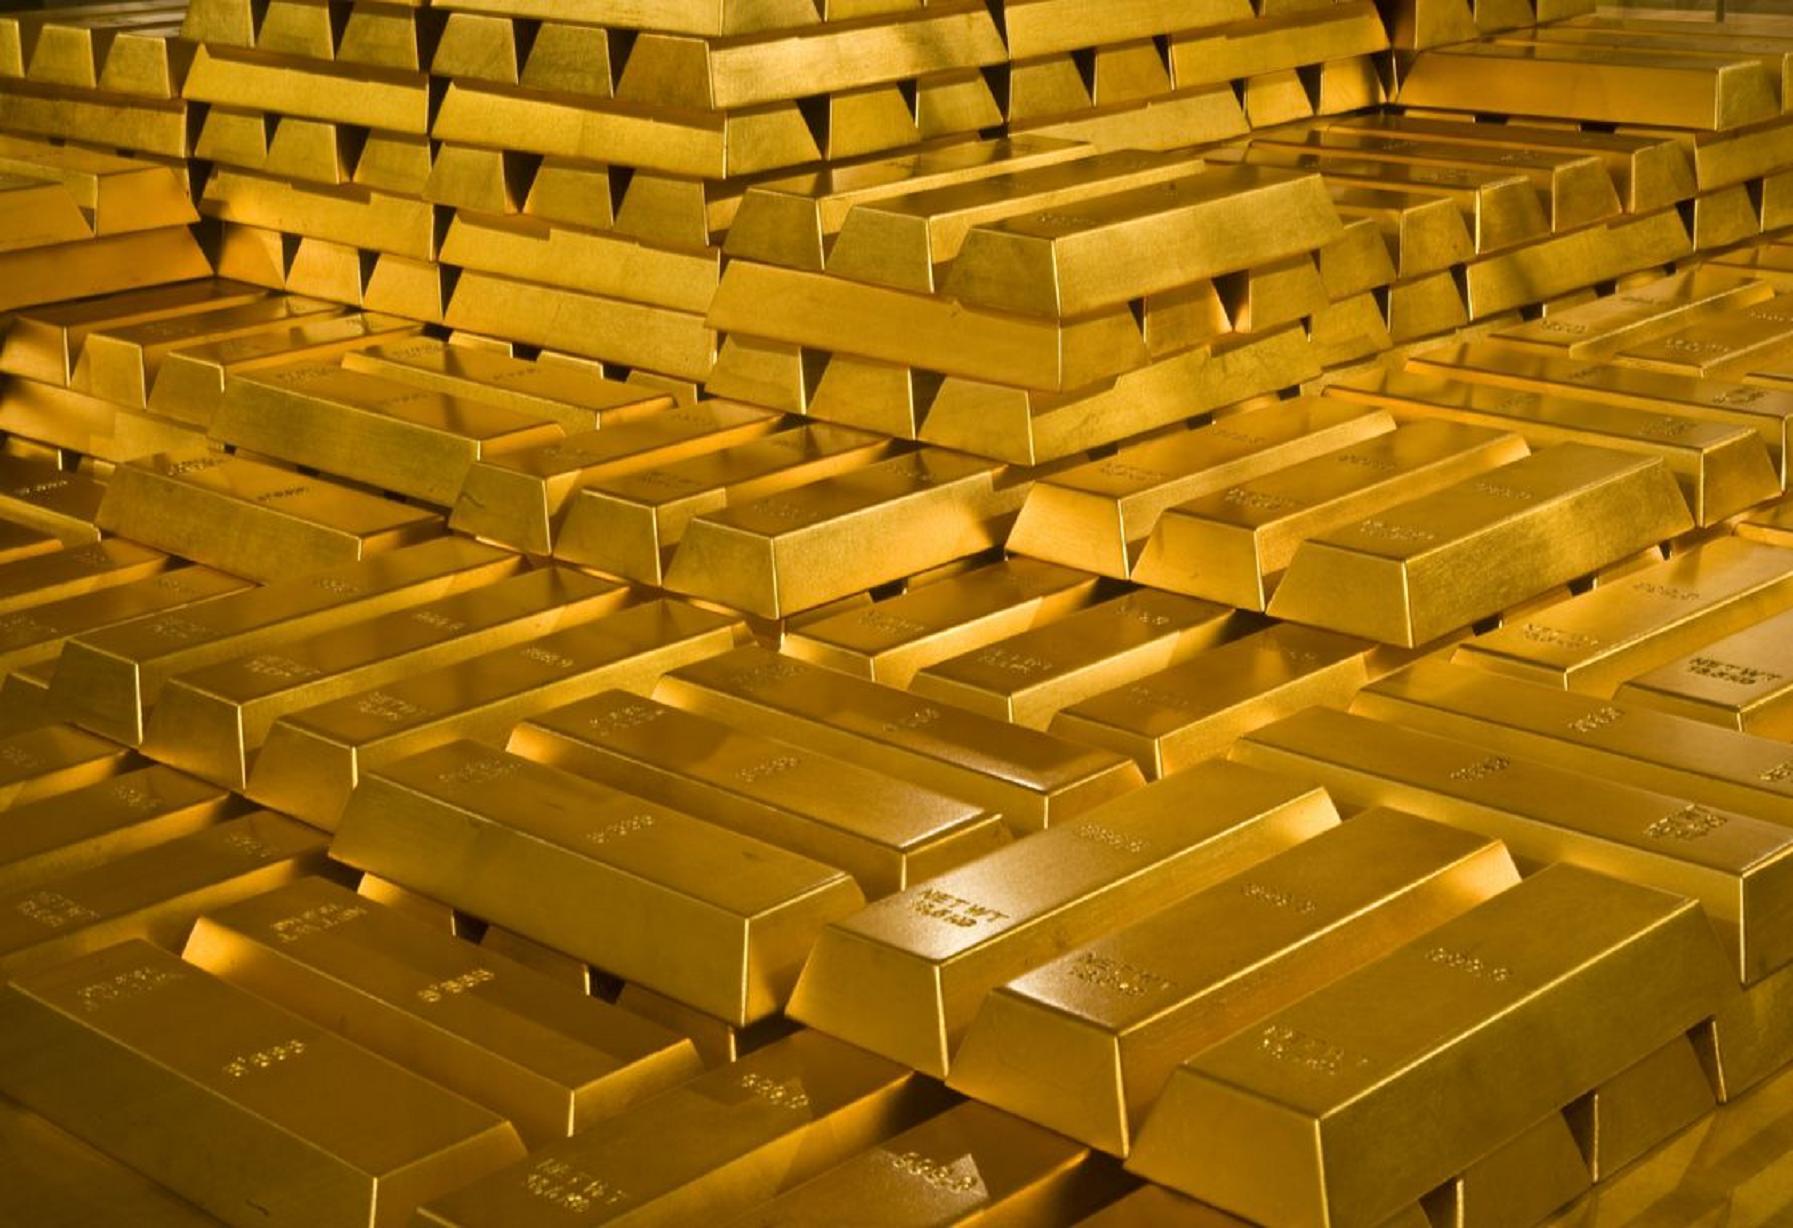 Γιατί εἴπαμε πώς μαζεύουν τόν χρυσό;2